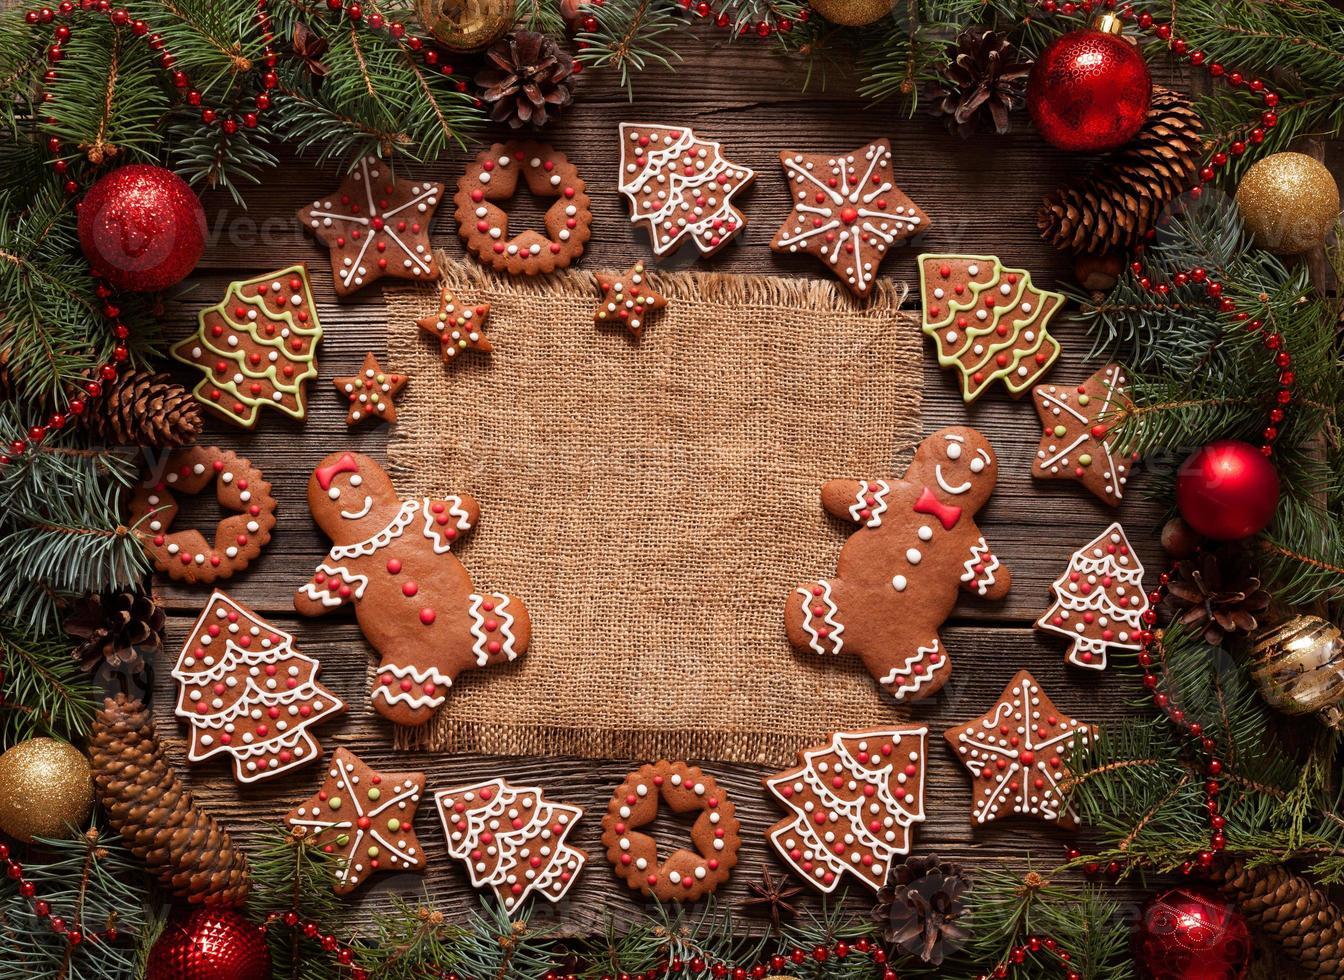 cornice di Natale spazio vuoto per il testo di progettazione con biscotti di pan di zenzero foto